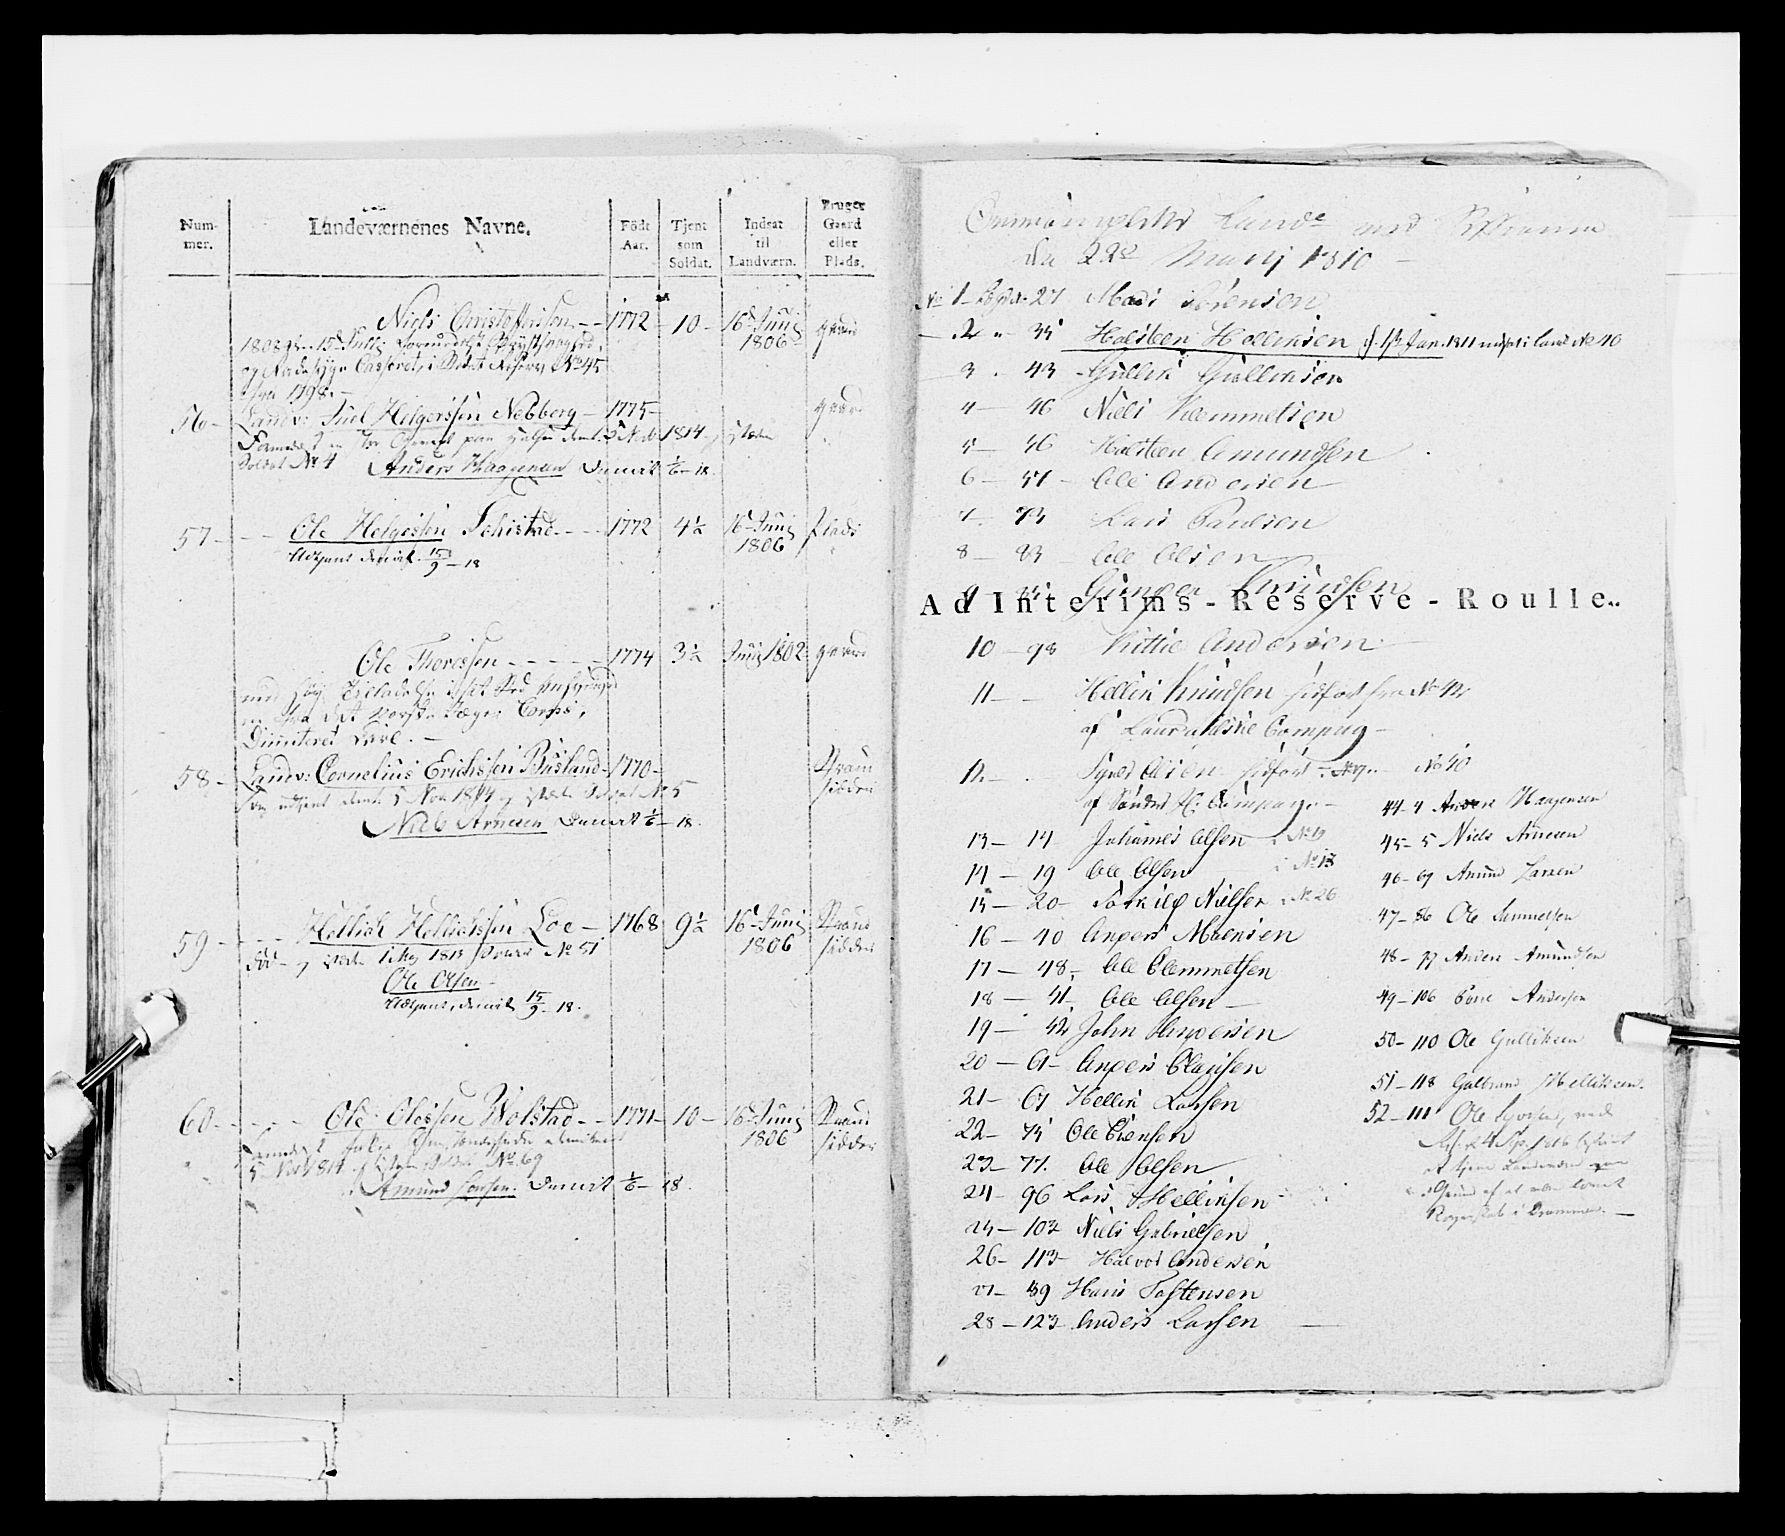 RA, Generalitets- og kommissariatskollegiet, Det kongelige norske kommissariatskollegium, E/Eh/L0047: 2. Akershusiske nasjonale infanteriregiment, 1791-1810, s. 562